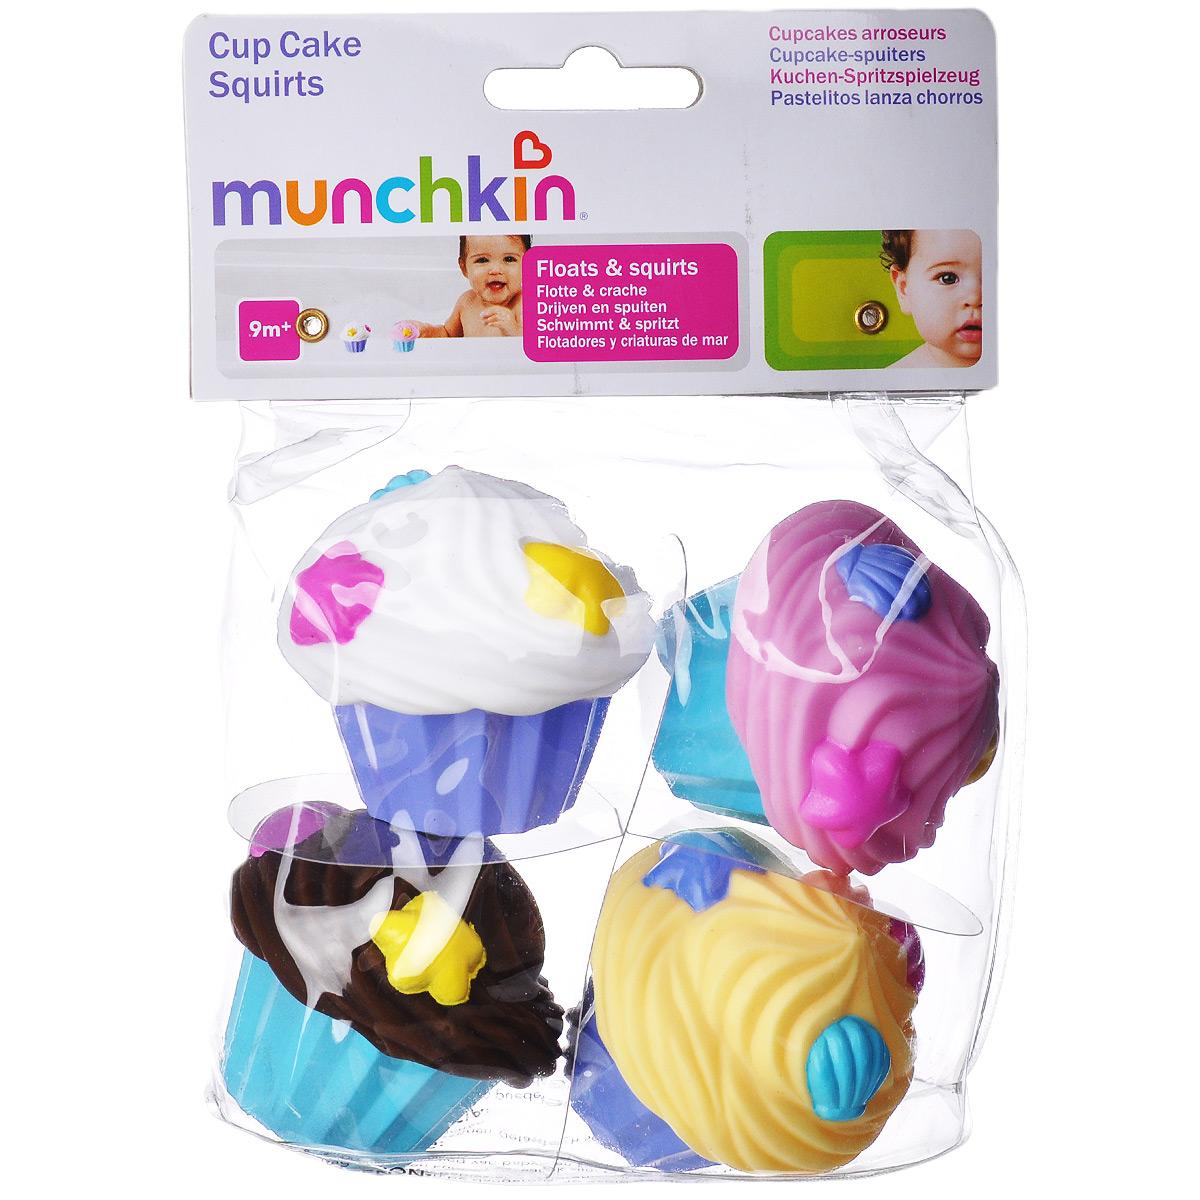 Игровой набор для ванны Munchkin Кексики11950 NEWИгровой набор для ванны Munchkin Кексики привлечет внимание вашего малыша и превратит купание в веселую игру. В набор входят четыре игрушки, брызгалки, выполненные в виде кексов с восхитительными видами глазури - ваниль, клубника, шоколад и сливки. Если в кекс набрать воды, а потом нажать на него, то из него брызнет тонкая струйка воды, что несомненно позабавит кроху. Их легко сжимать в маленькой детской ручке. Игровой набор Кексики отлично подходит для развития координации зрения и движений ребенка и понимания причинно-следственных связей. Он также пригодится и для детей более старшего возраста для игры в кондитеров и дополнит наборы игрушечных кухонь.